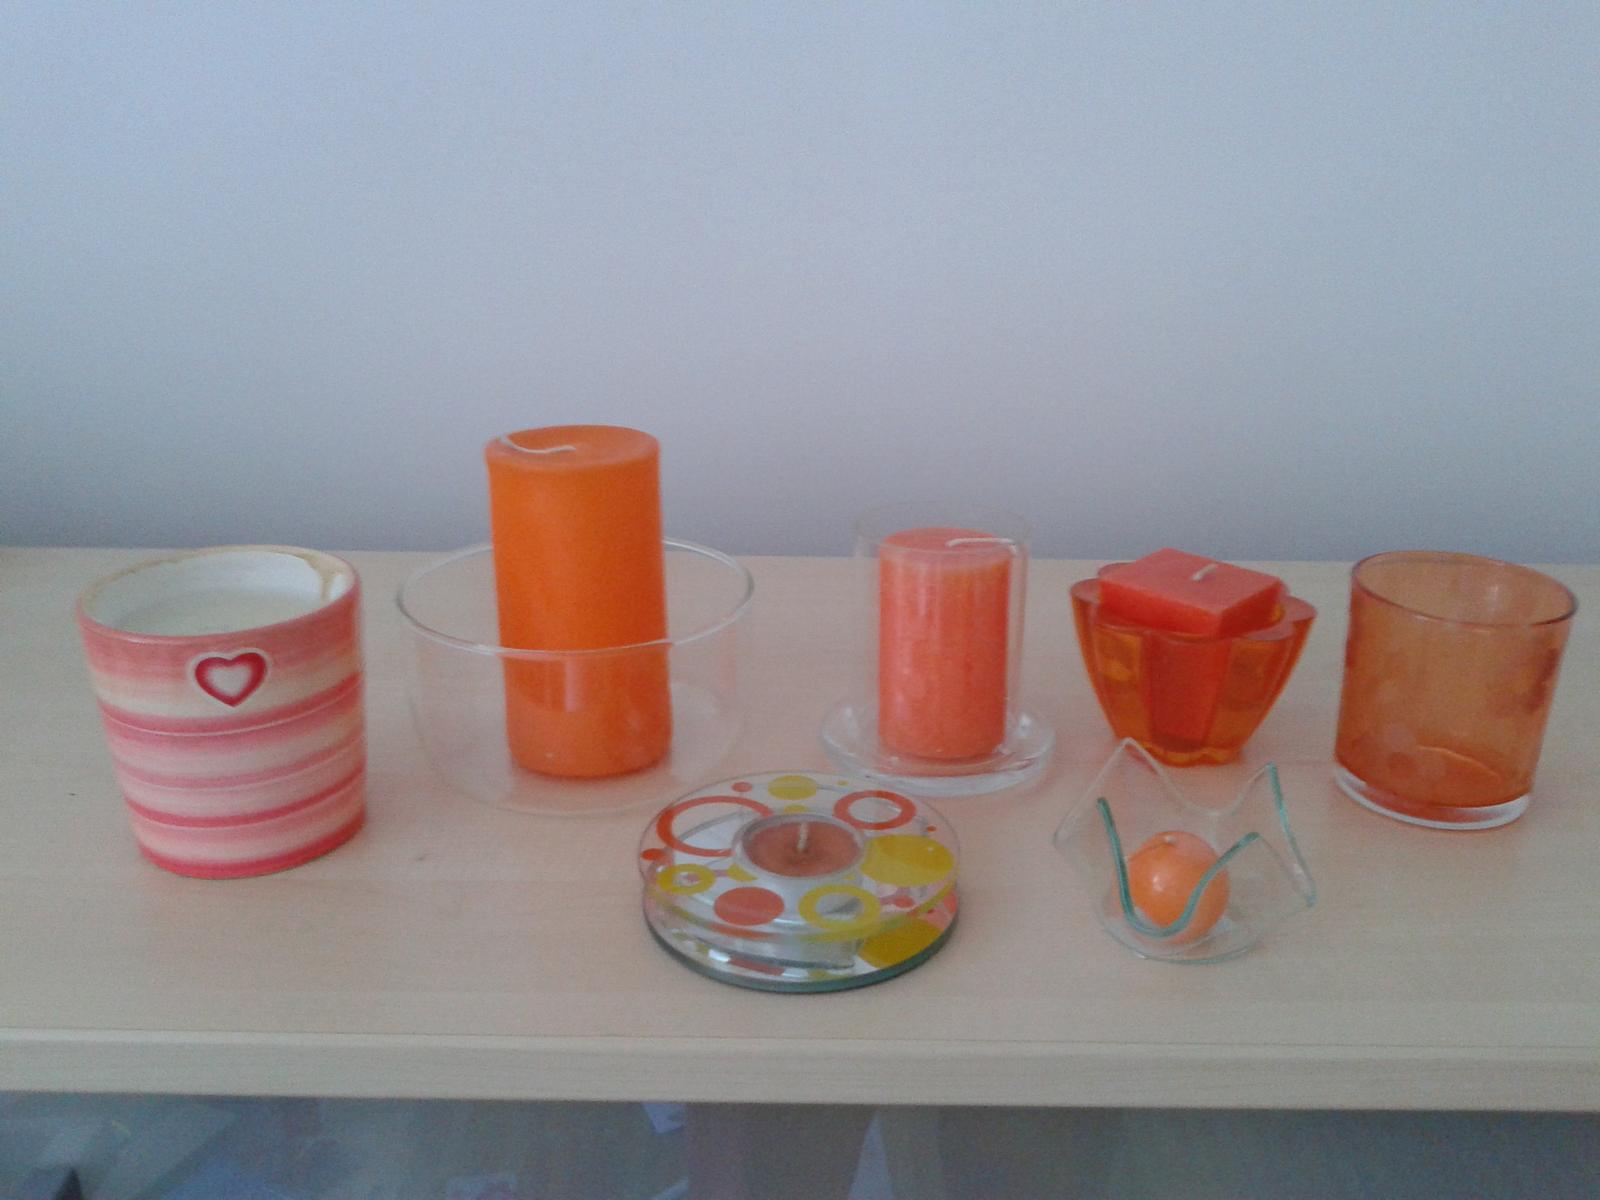 dekorácie oranžové - Obrázok č. 1